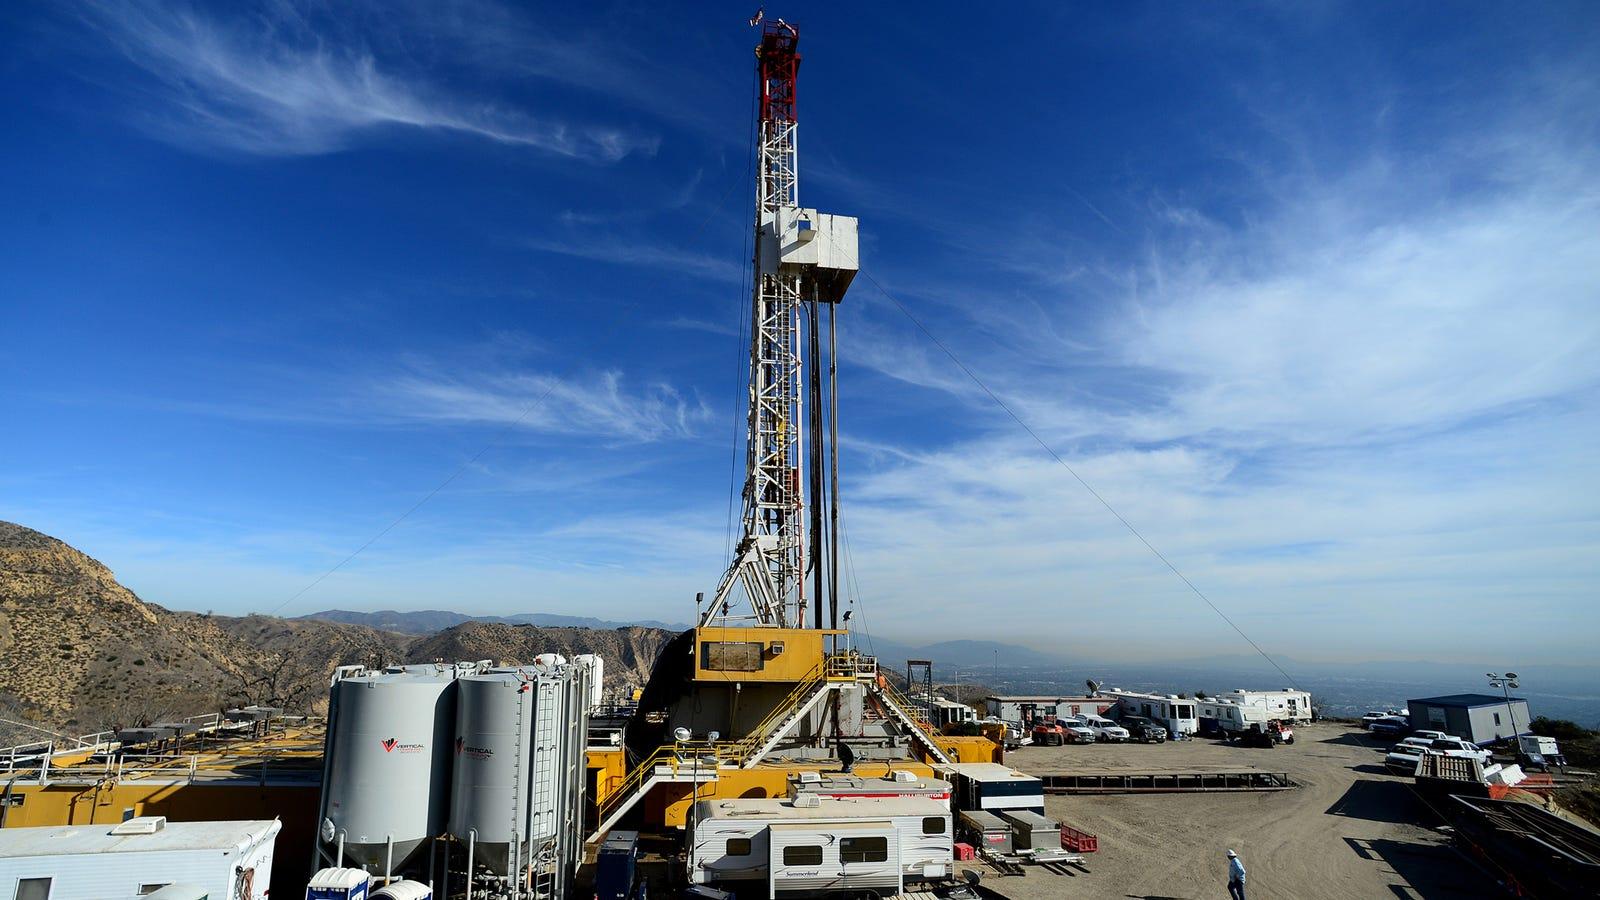 LA's Gas Leak Is a Global Disaster